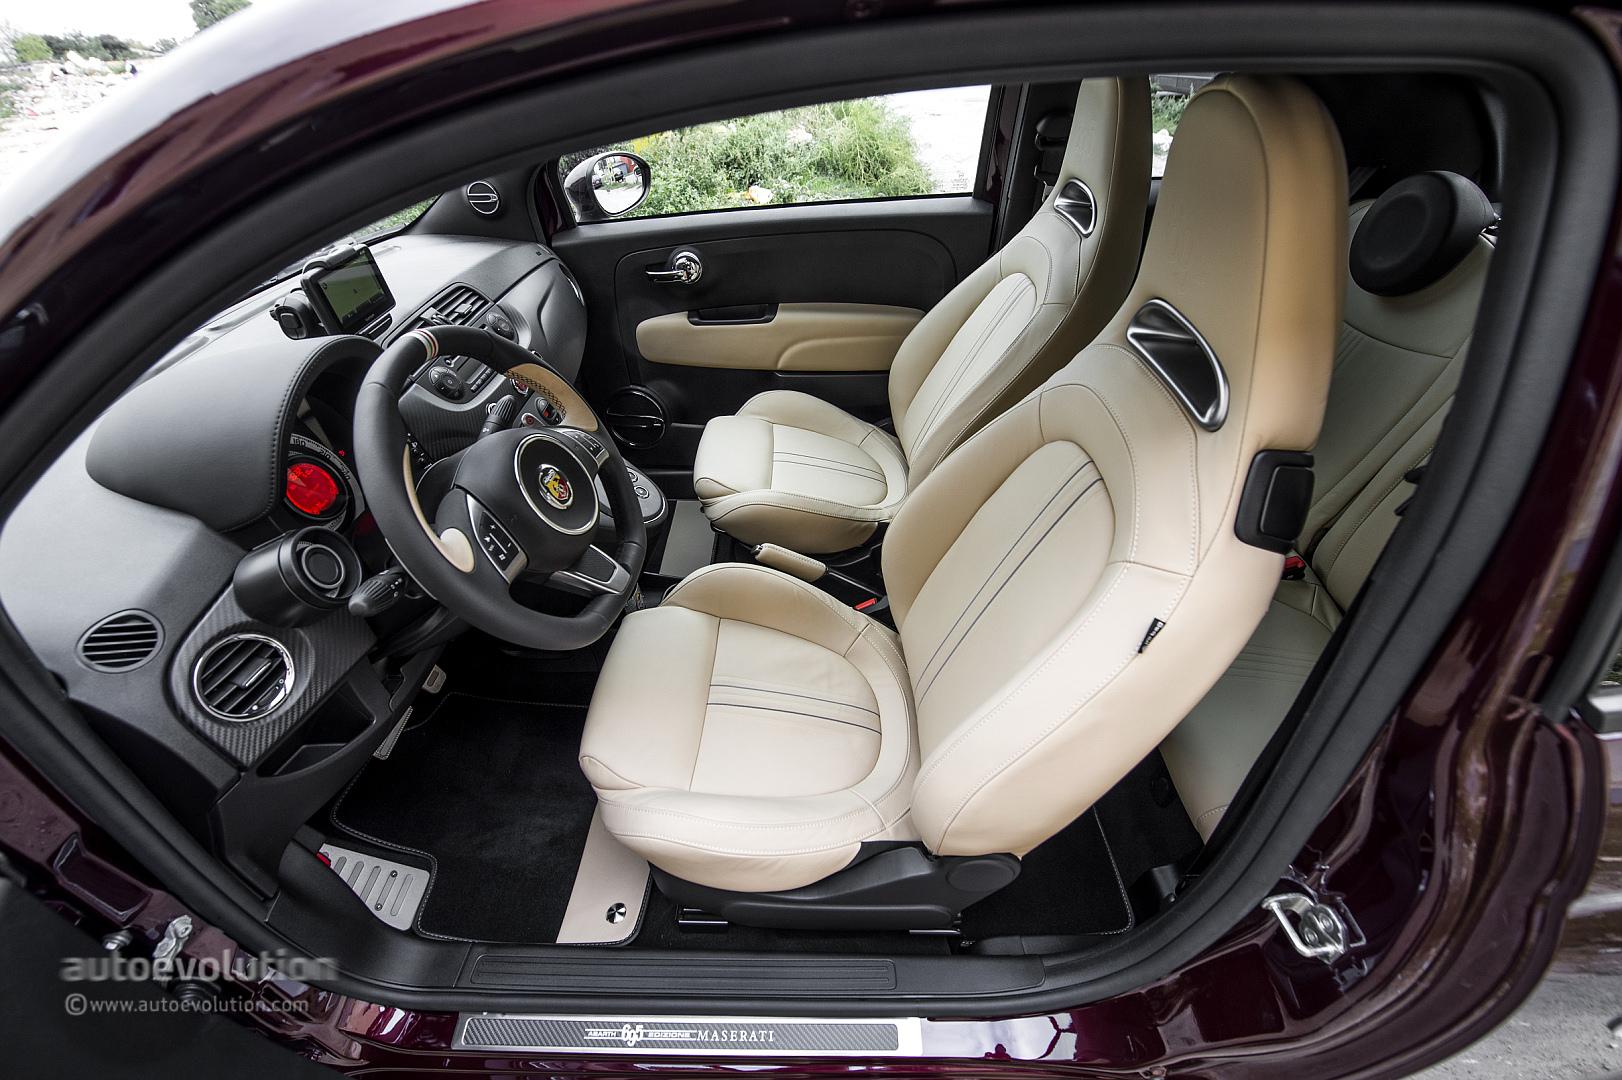 Abarth 695 Edizione Maserati Review - autoevolution